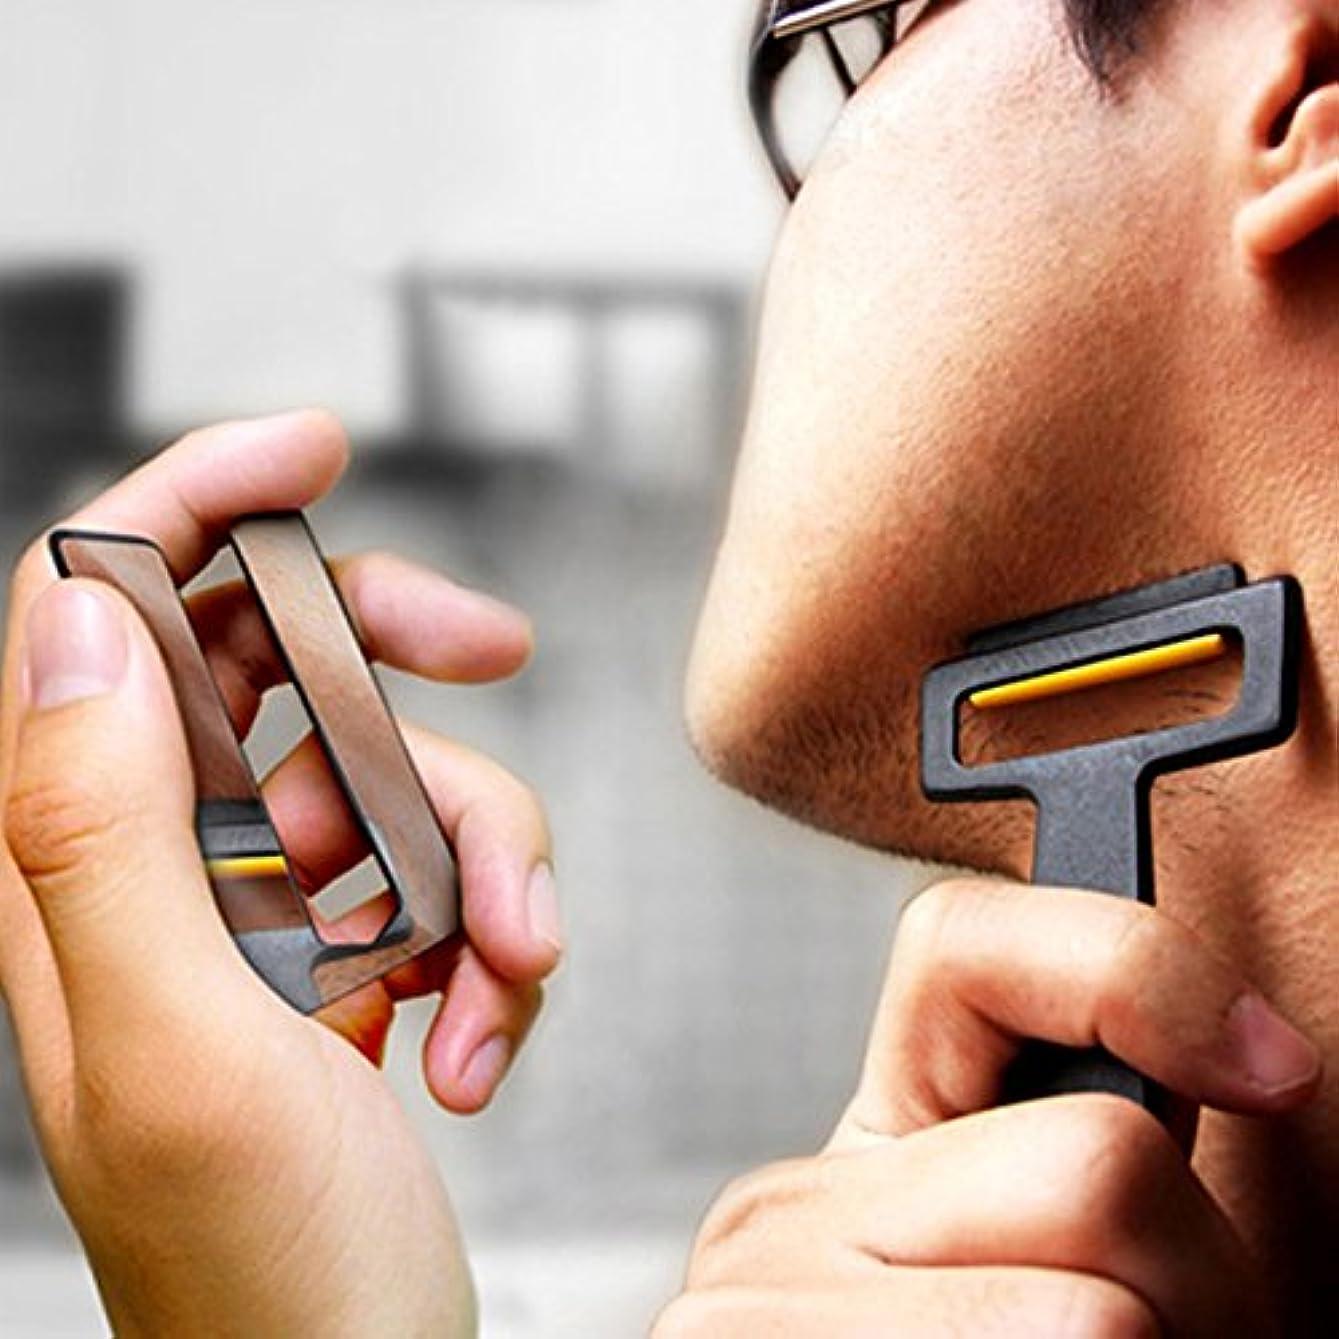 うぬぼれ誠意前兆Pogass Carzor 3 In 1 Card設計された財布ミニかみそりビードポータブルひげ剃りミラースタンドキット